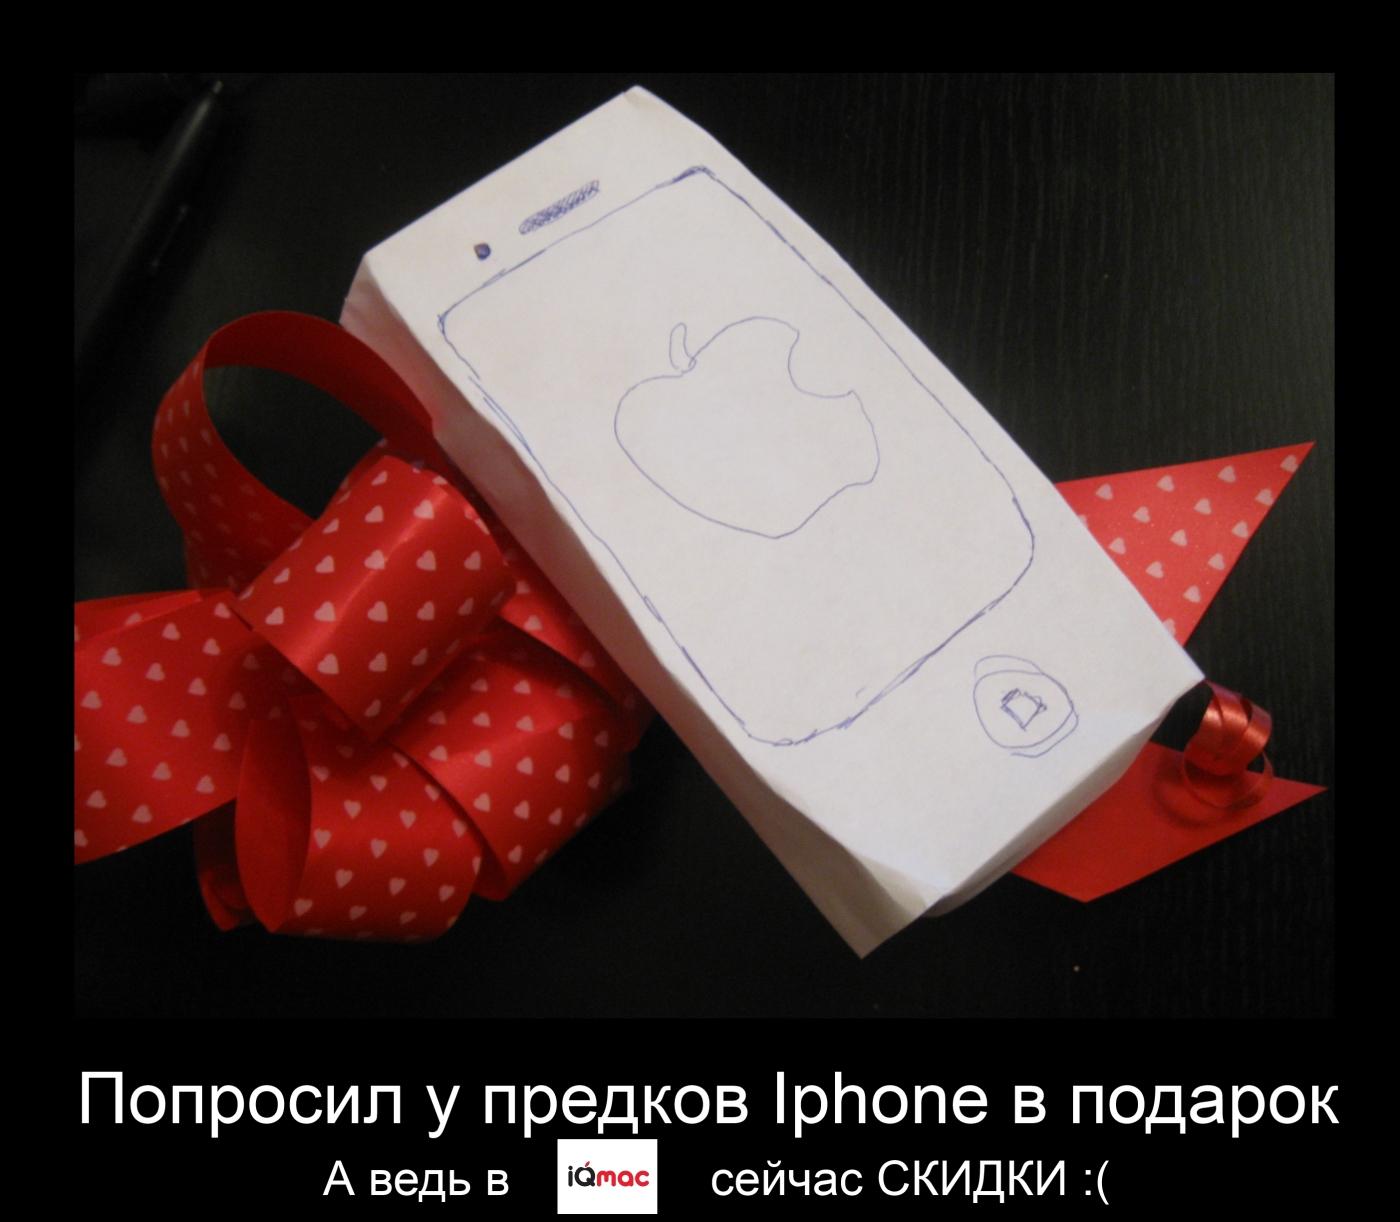 Сделайте мне подарок айфон